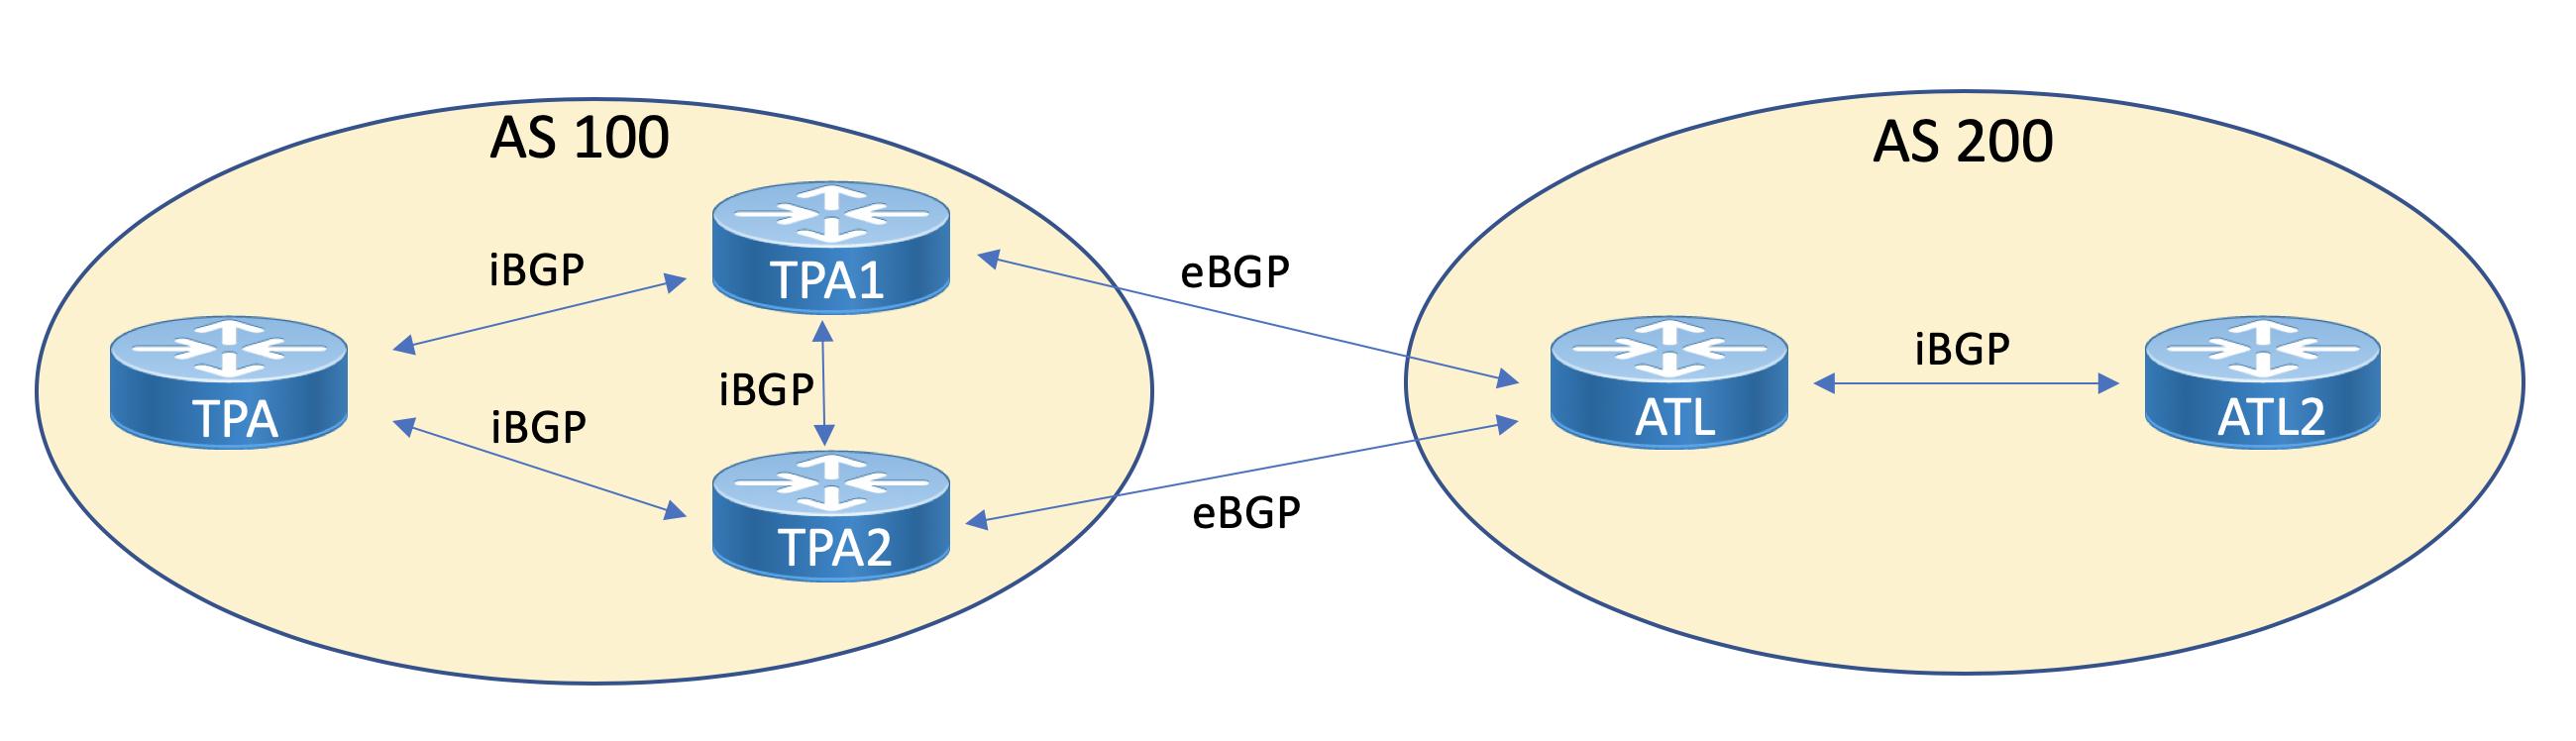 Fundamentals of BGP - Part 2